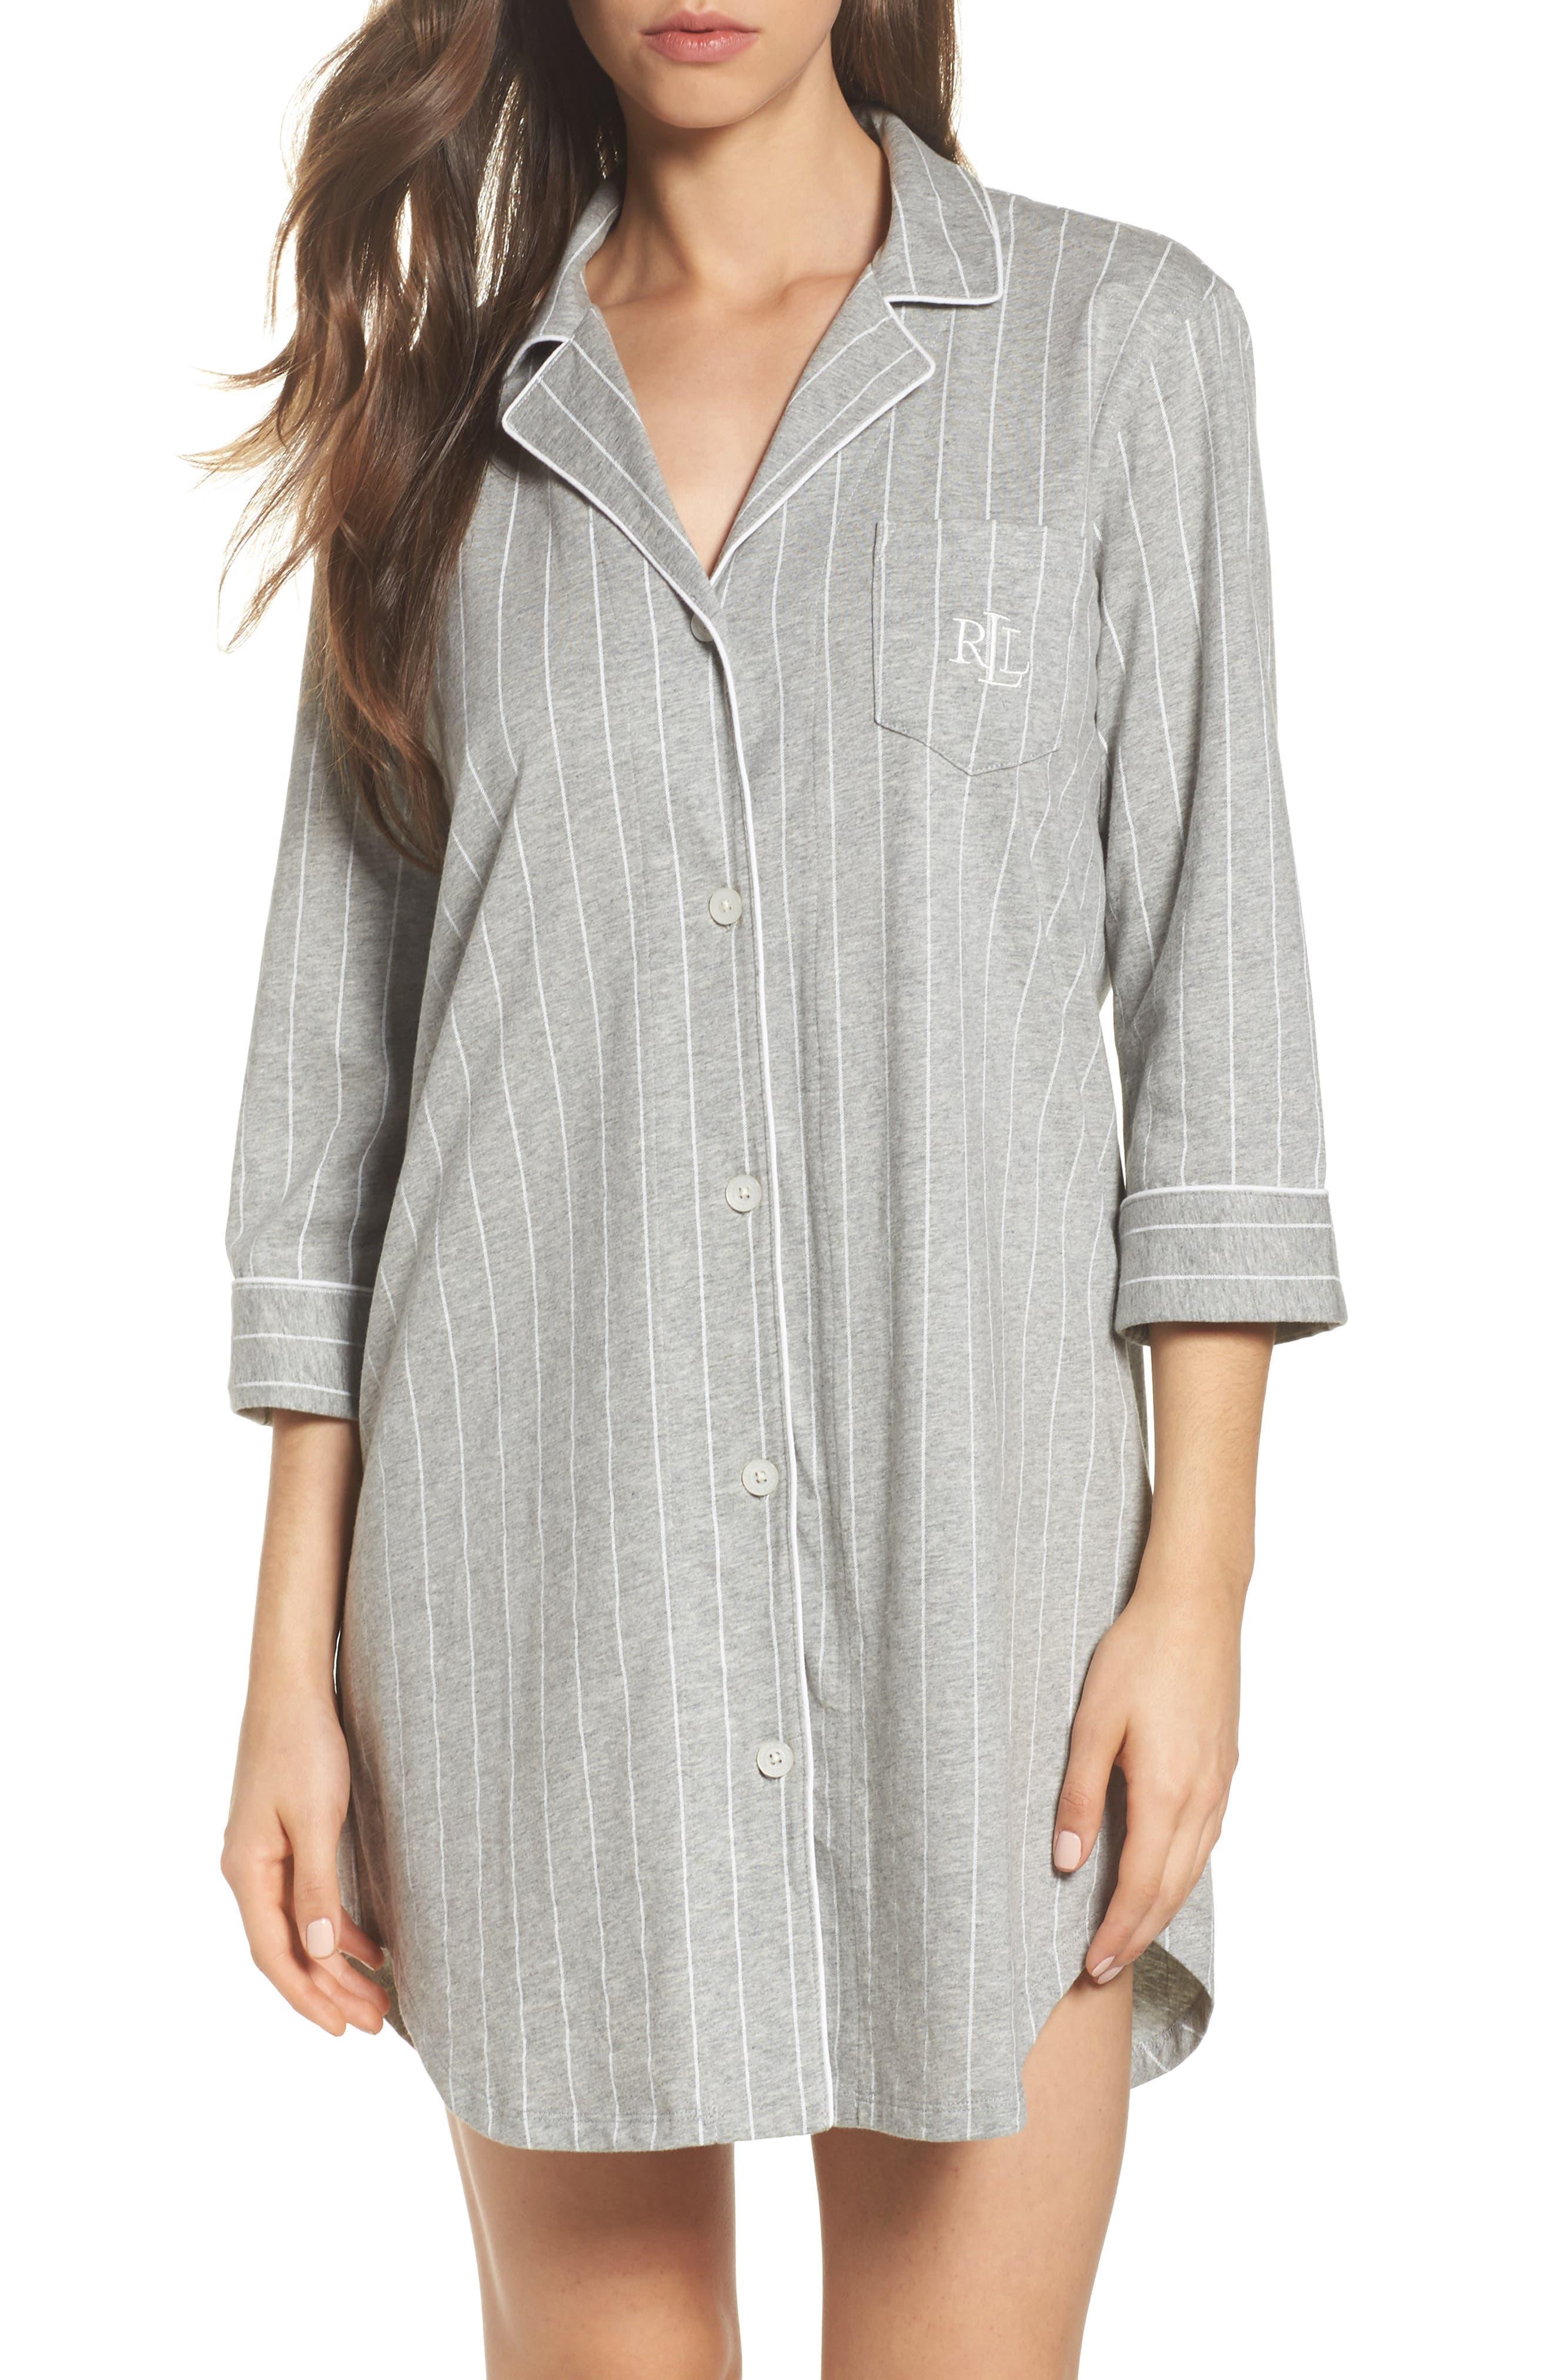 LAUREN RALPH LAUREN Jersey Sleep Shirt, Main, color, GREYSTONE